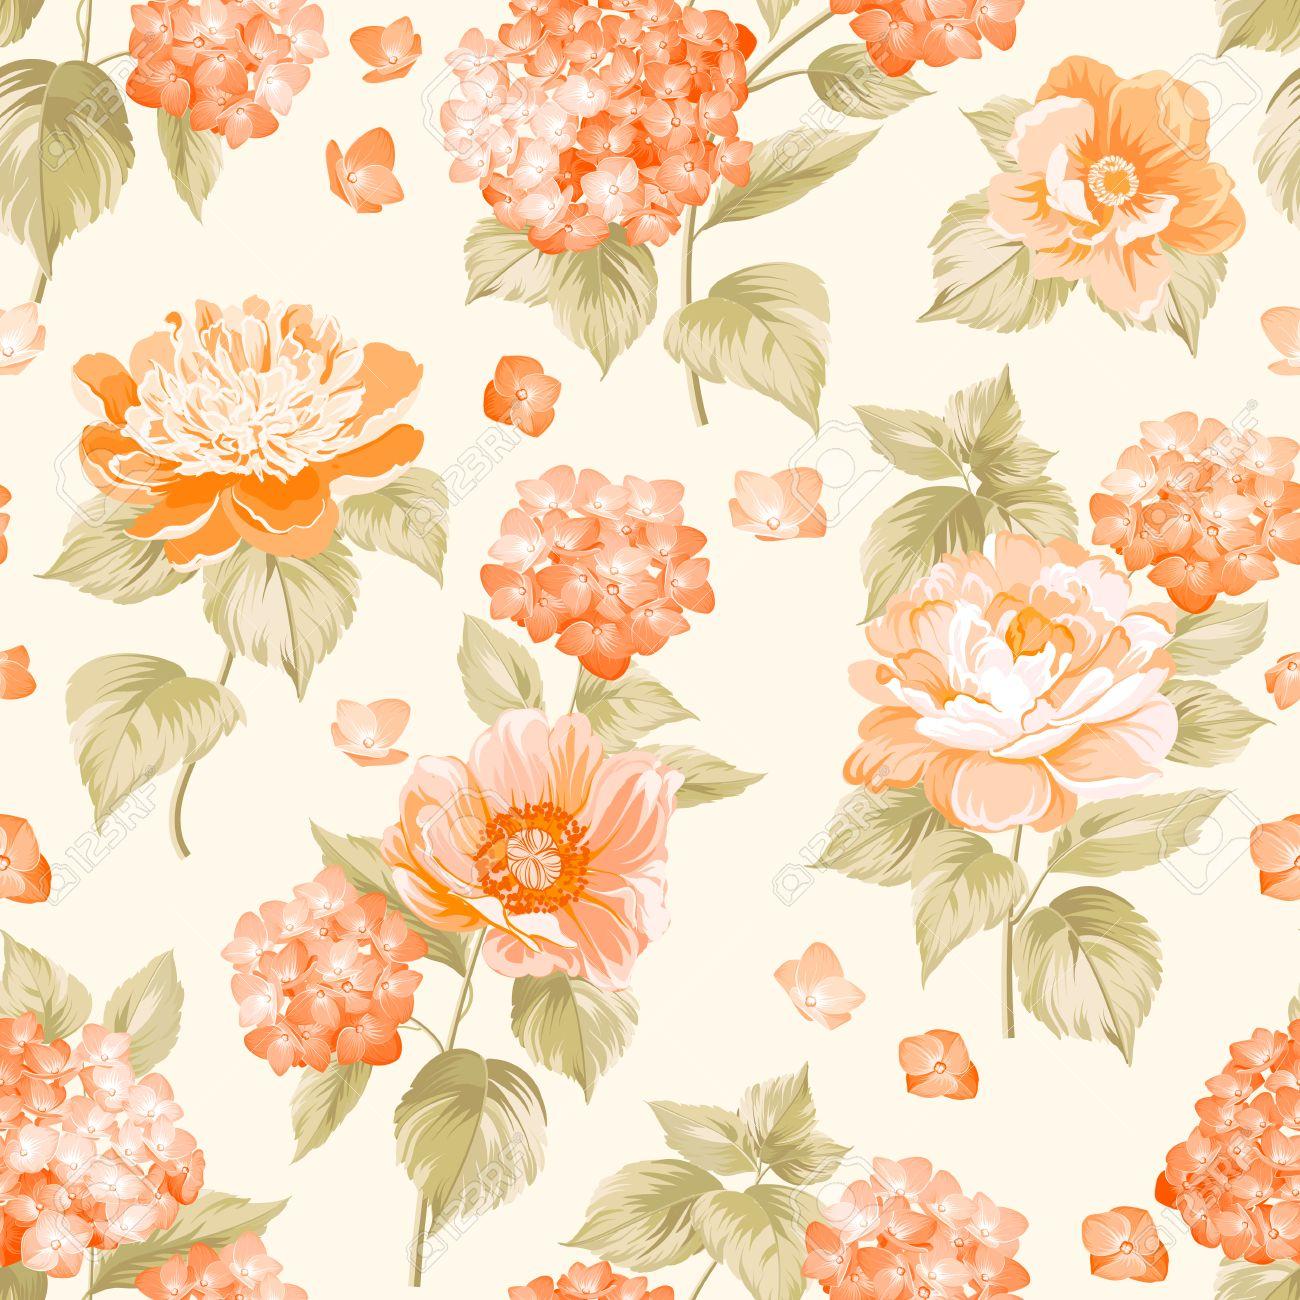 Background Flower pattern photos